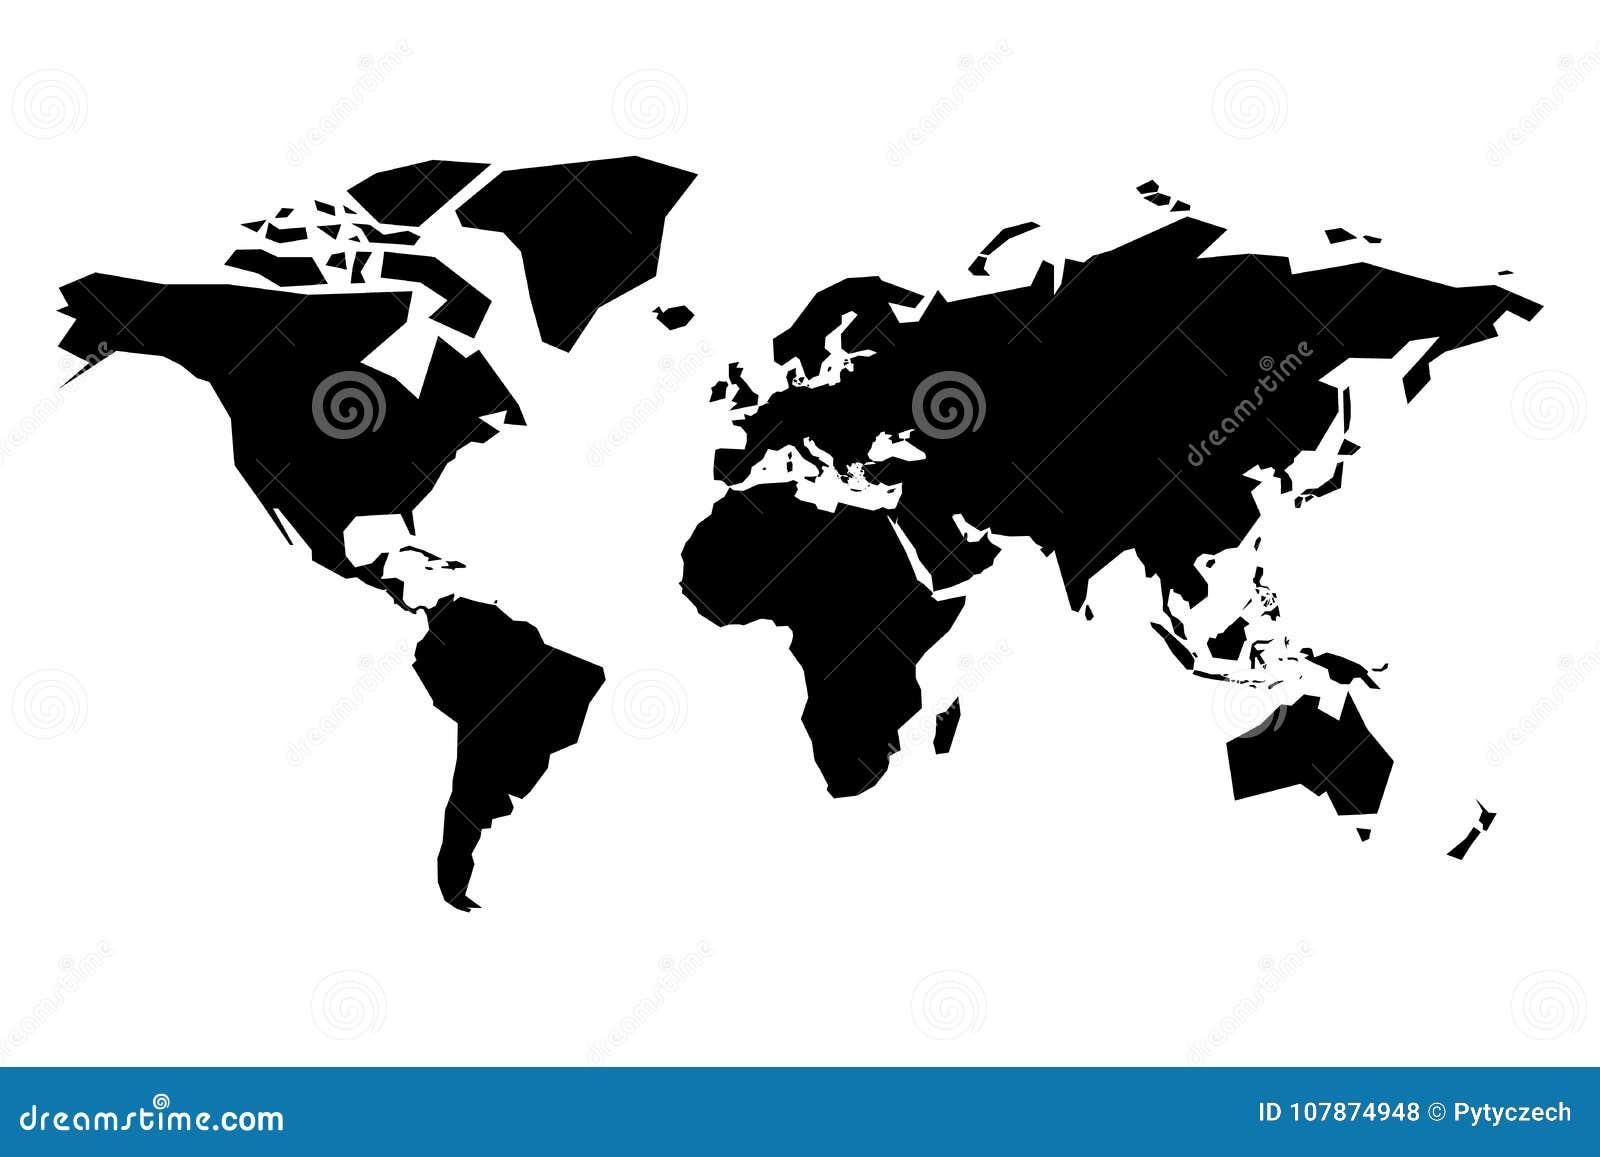 Karte des Weltvektorschattenbildes Vereinfachte schwarze Karte auf weißem Hintergrund